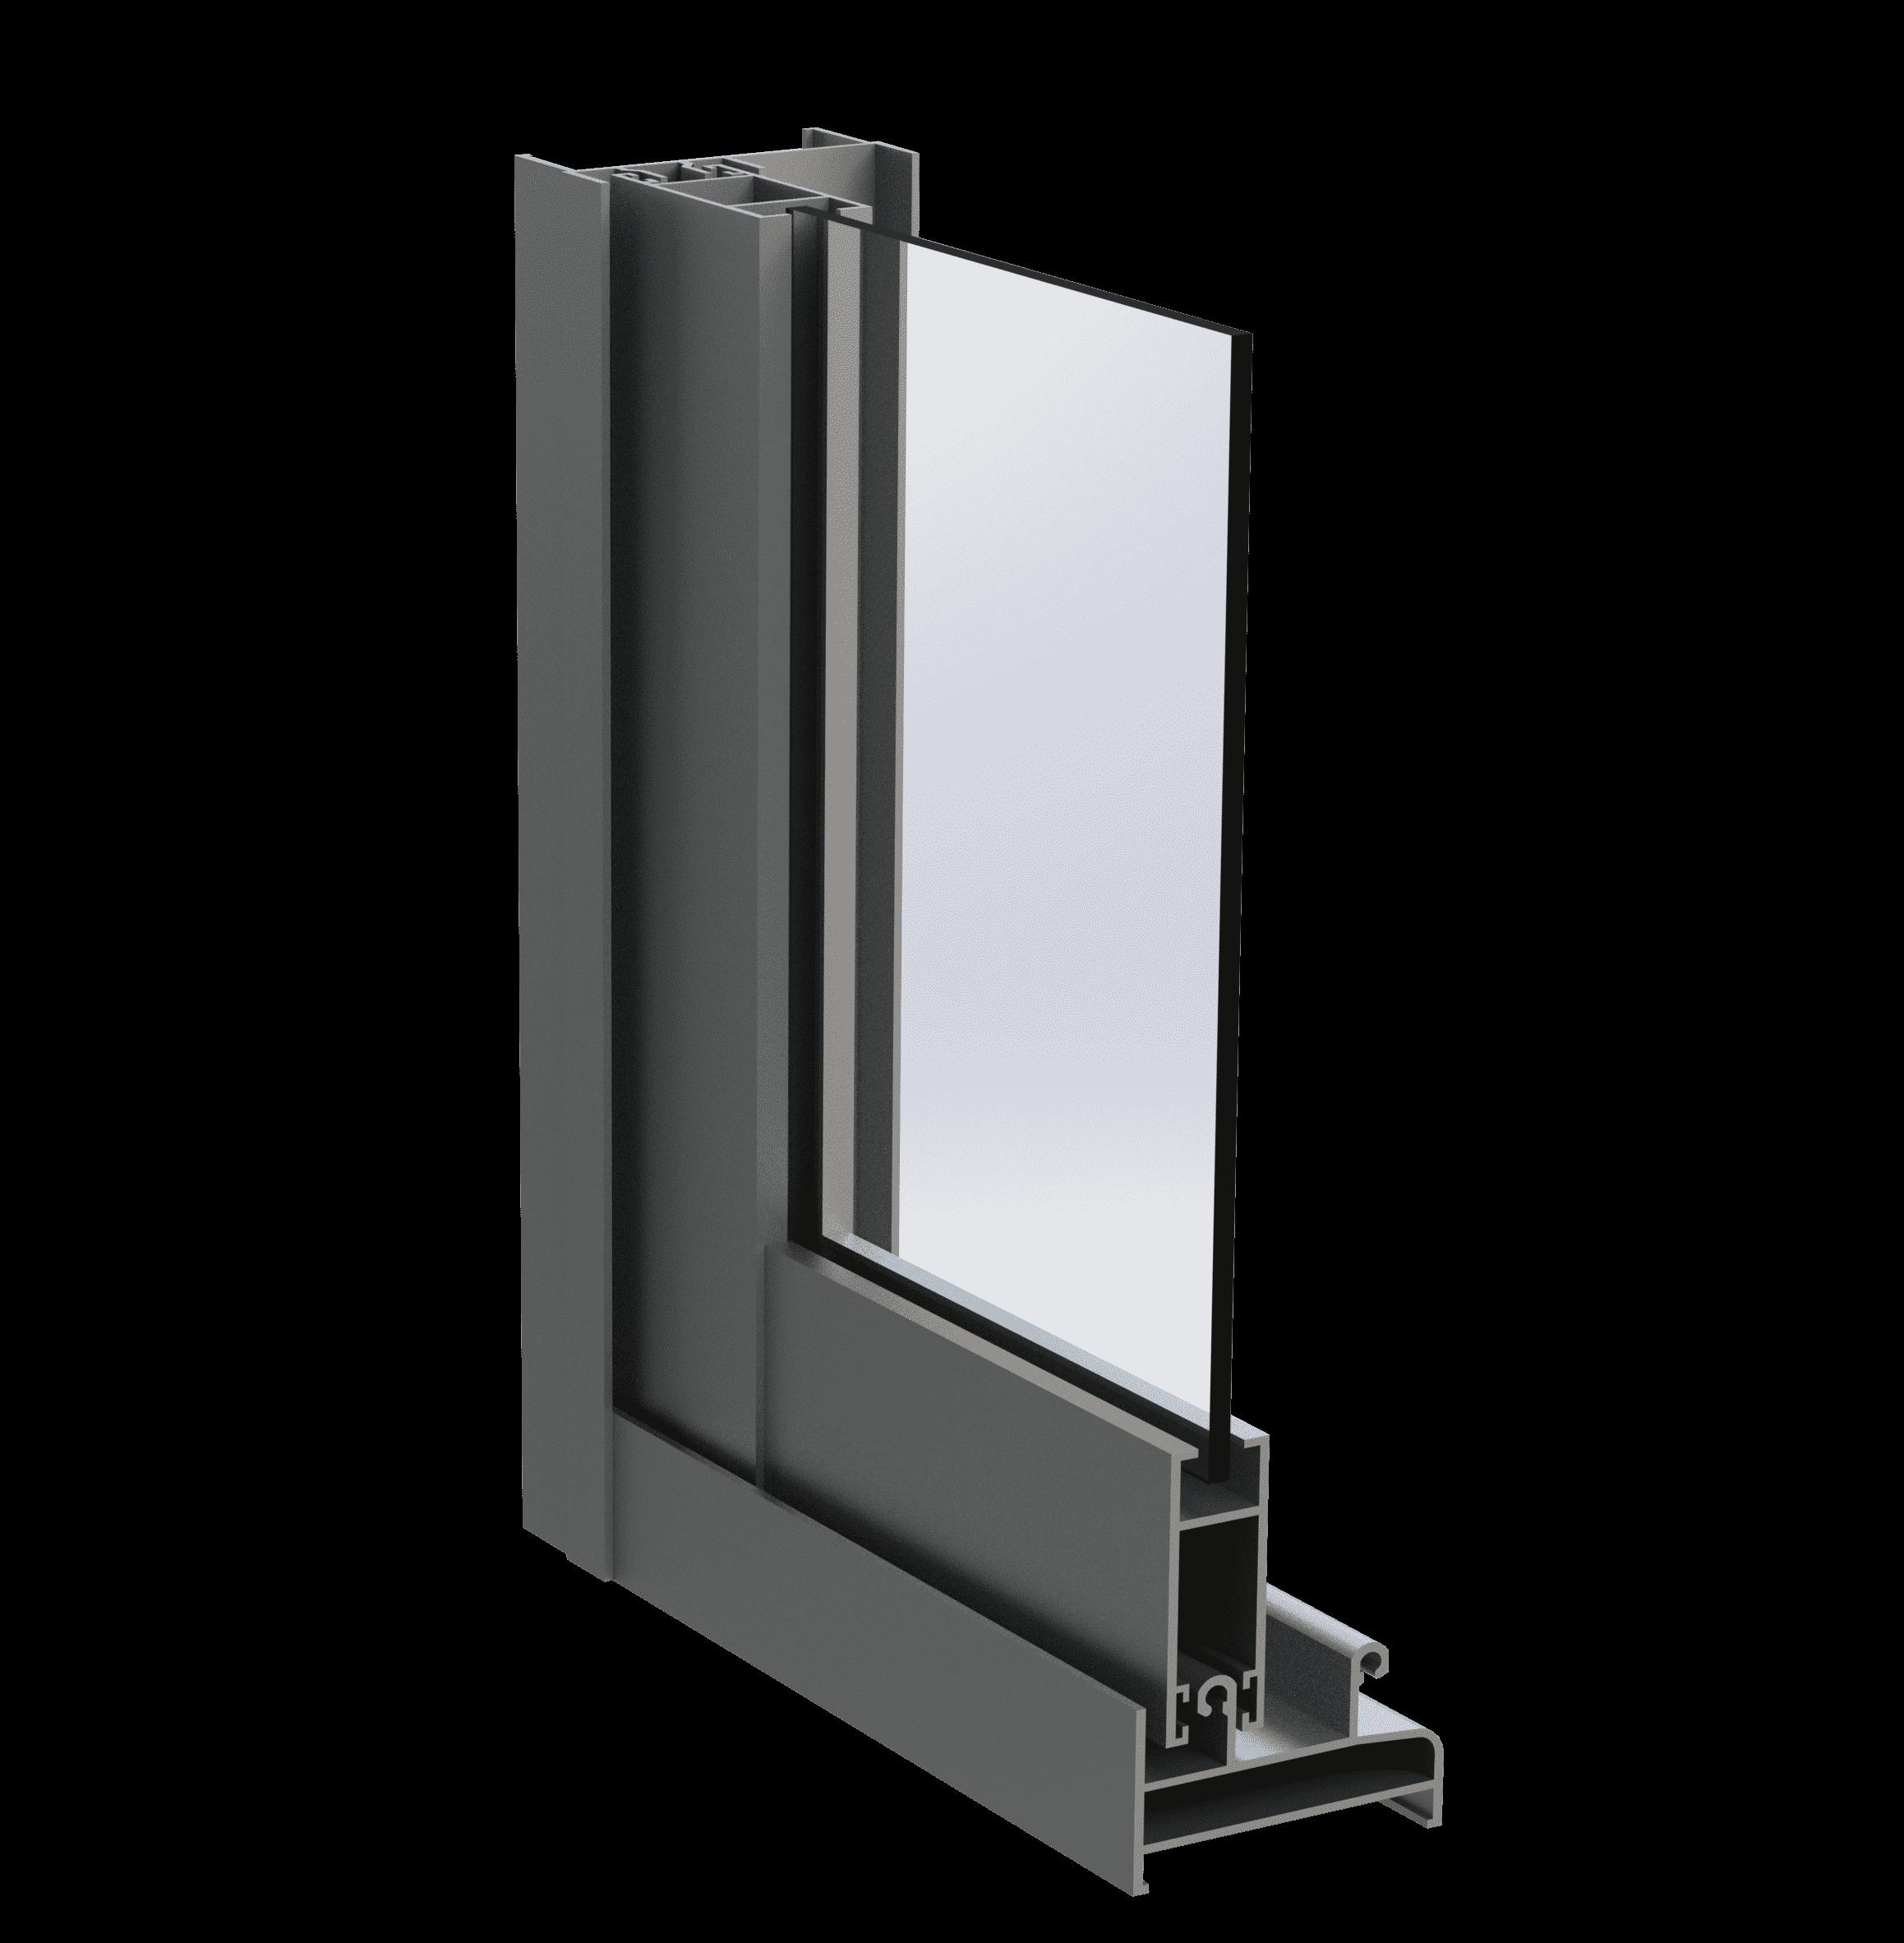 Розсувна віконно-дверна алюмінієва система alumil p100 для дилерів EKIPAZH. Вигідні умови для дилерства